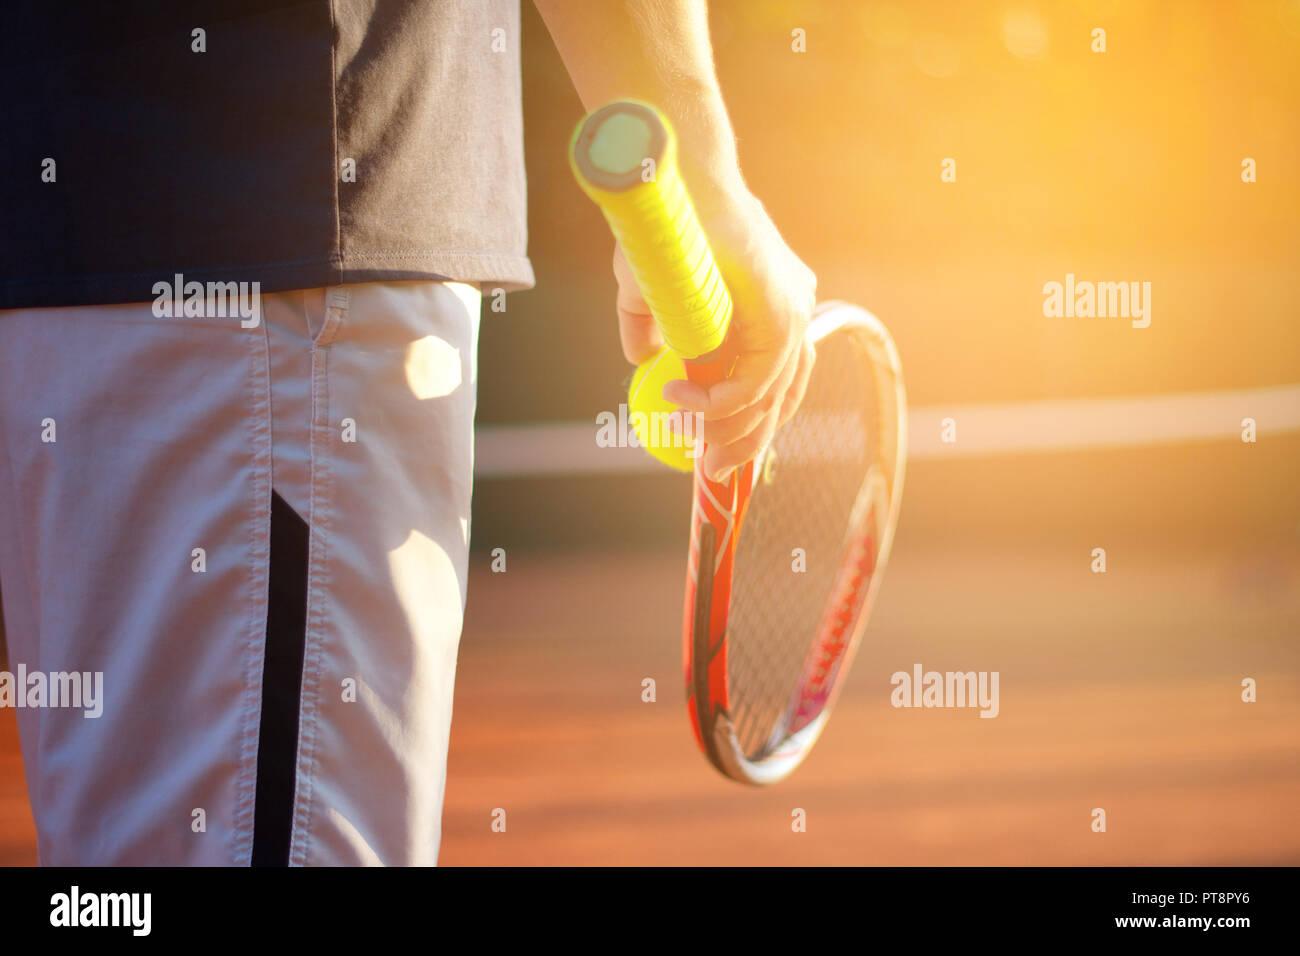 Un jugador de tenis se prepara para servir una pelota de tenis durante un partido na dhold el balón con cohete en la mano derecha. La luz del sol en segundo plano. Foto de stock